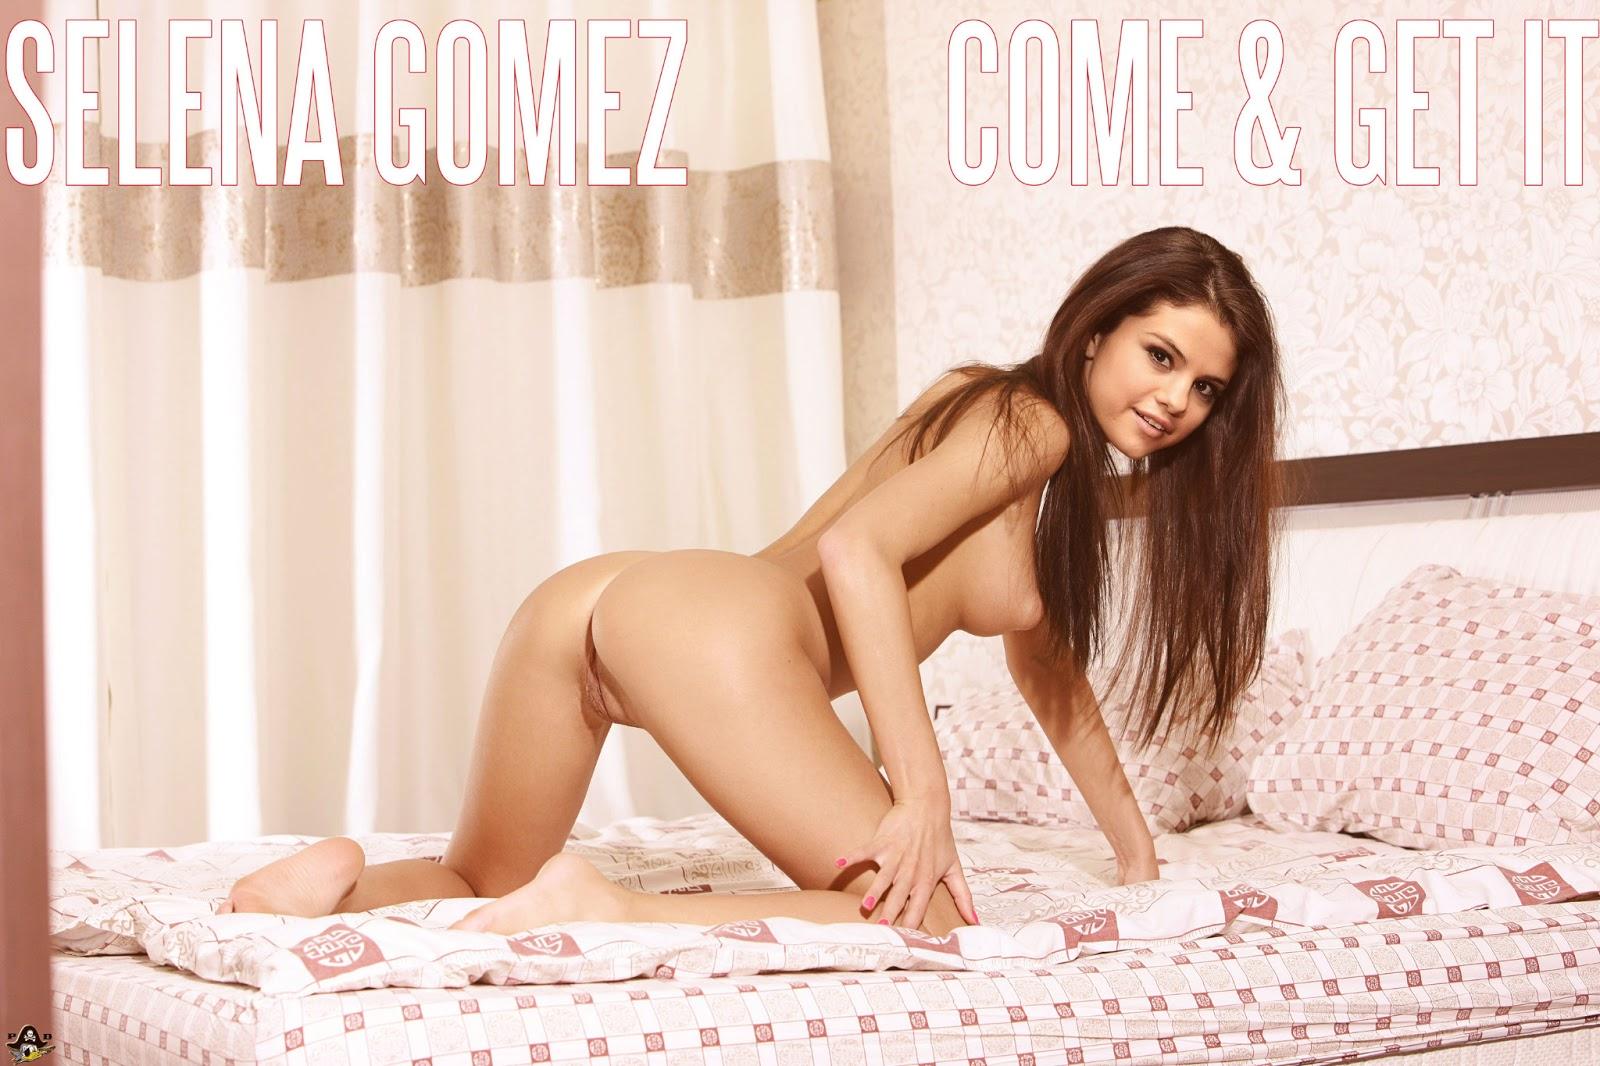 Gomez debby selena porn and ryan